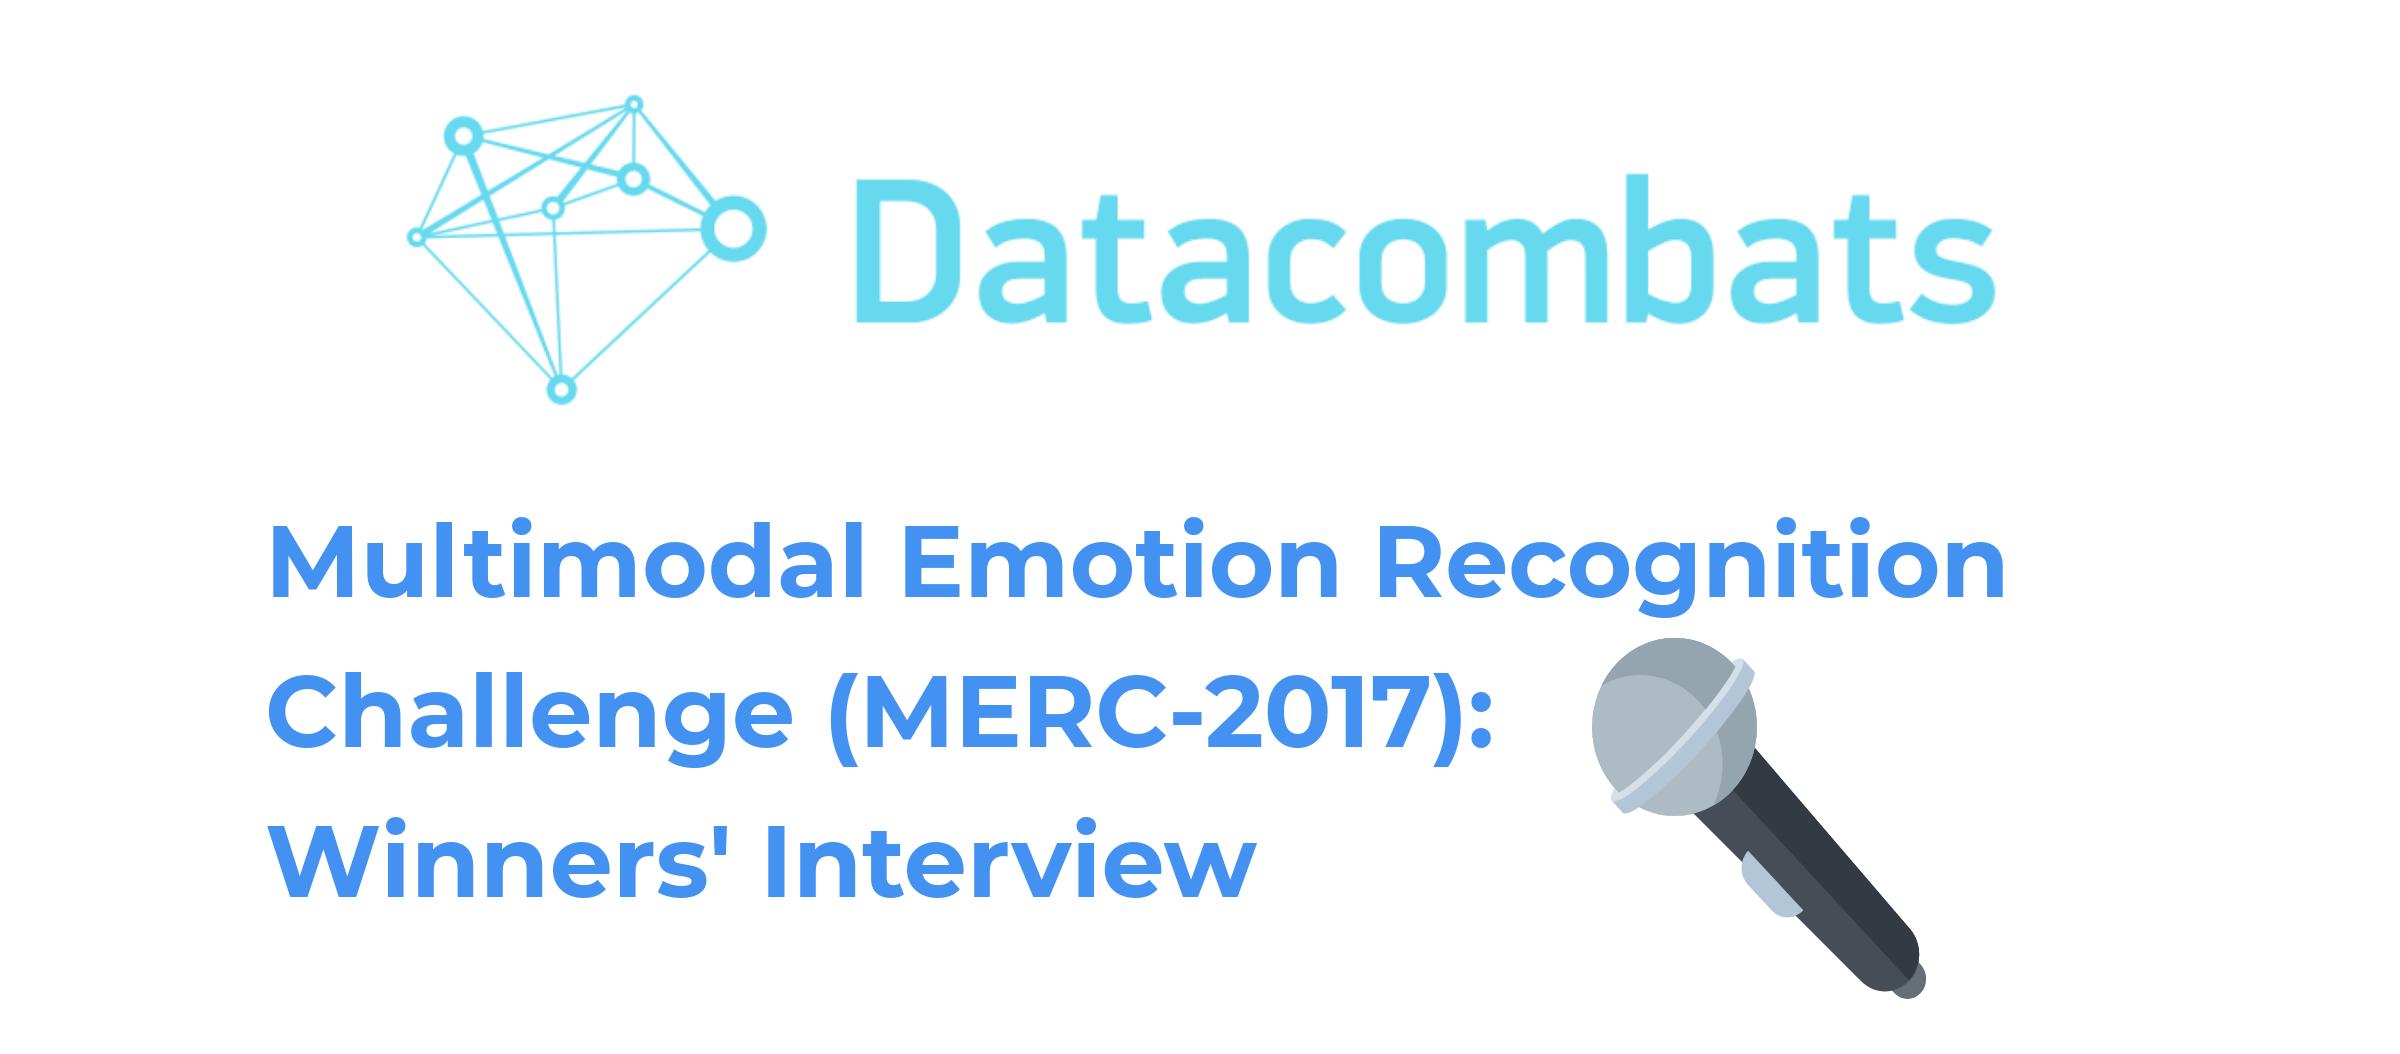 Об итогах конкурса MERC-2017: интервью с победителями